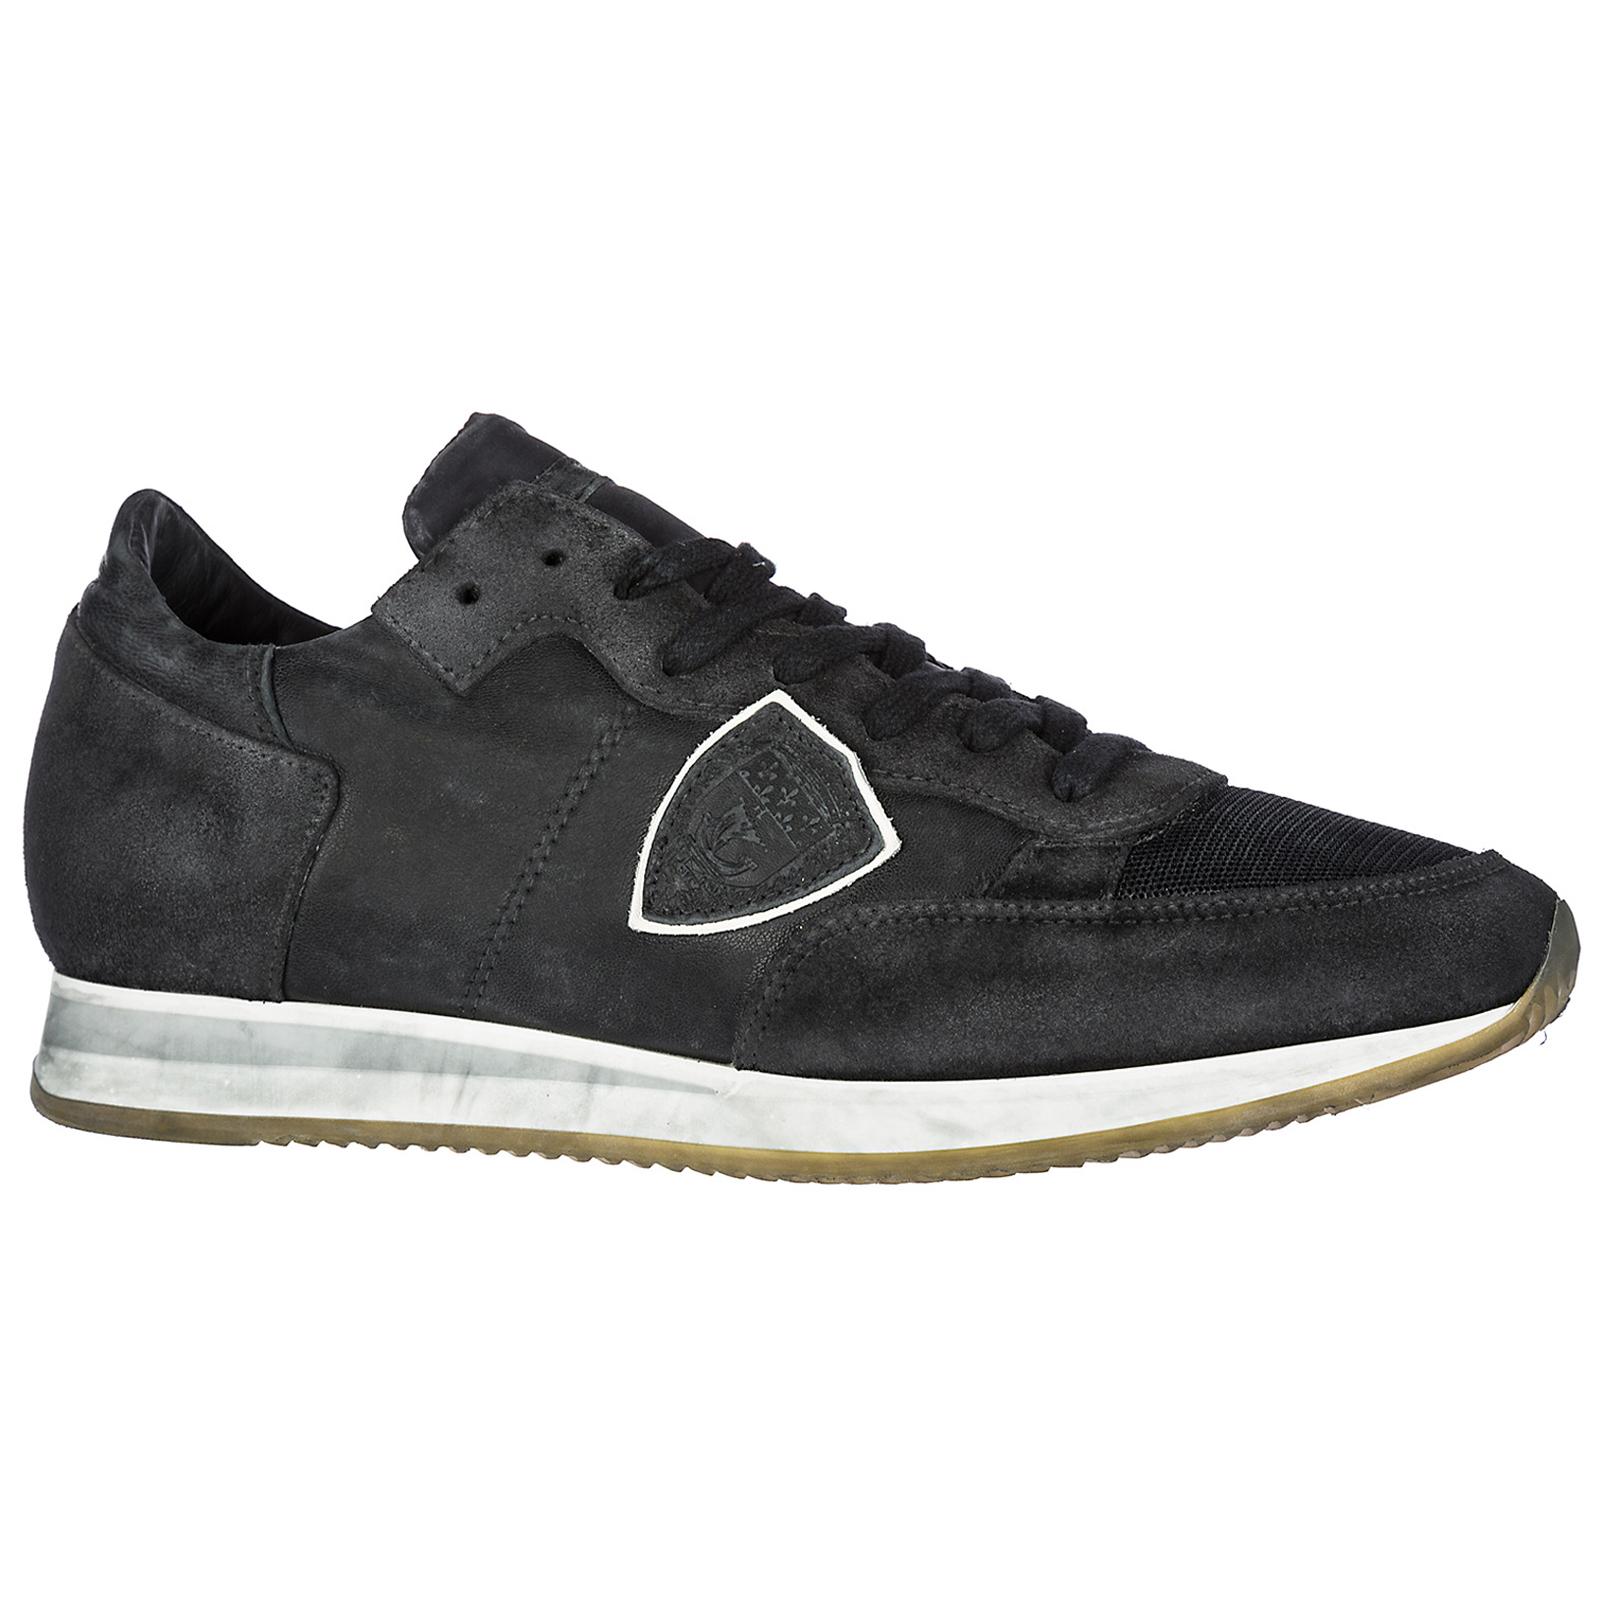 5e124e8e221 Chaussures baskets sneakers homme en daim tropez Chaussures baskets sneakers  homme en daim tropez ...